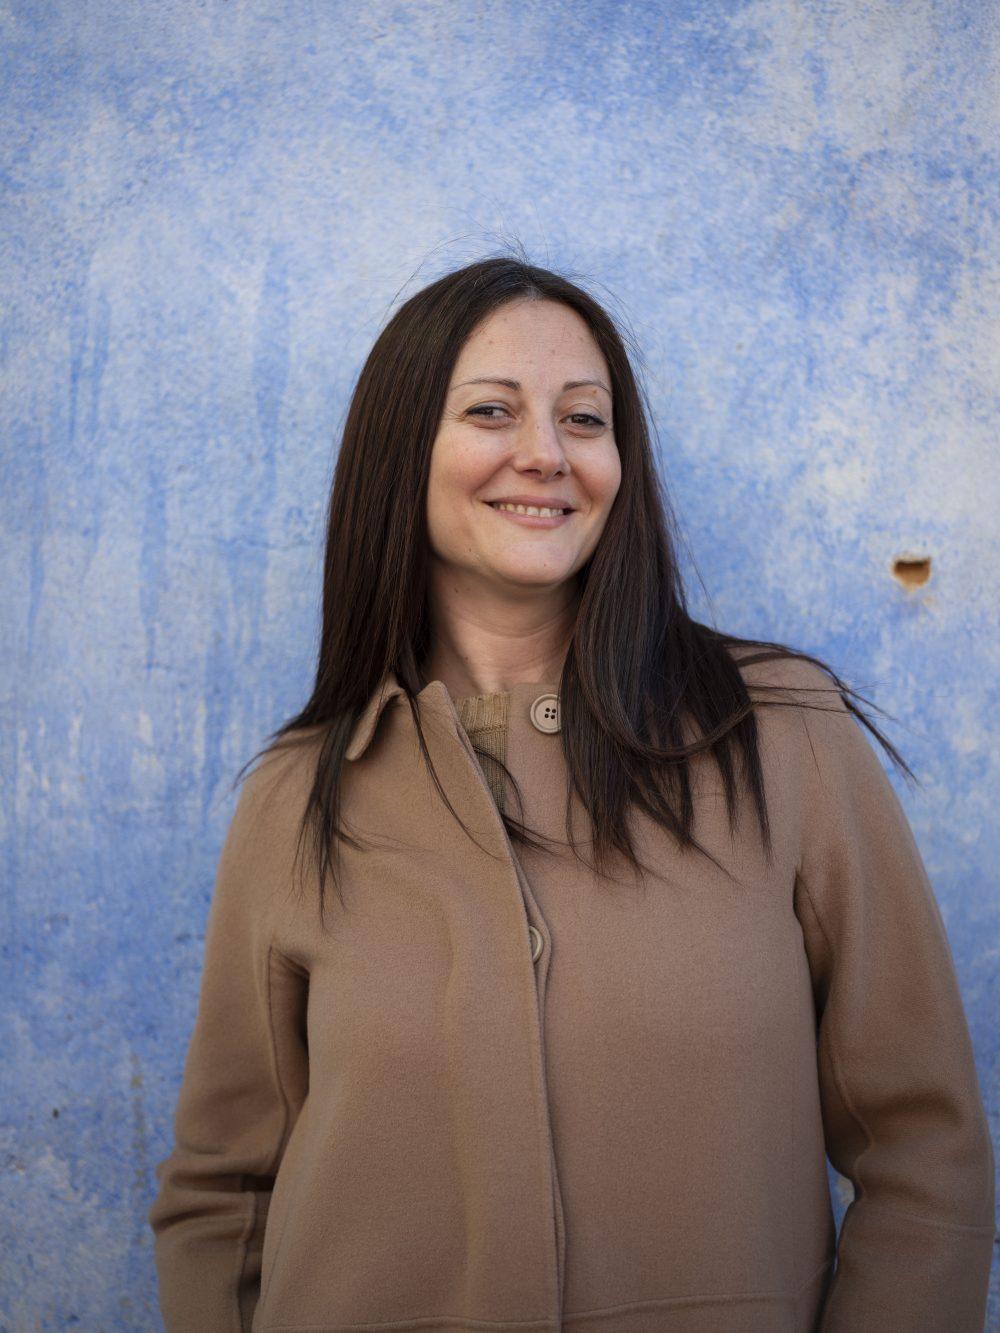 Sarah Scaparone